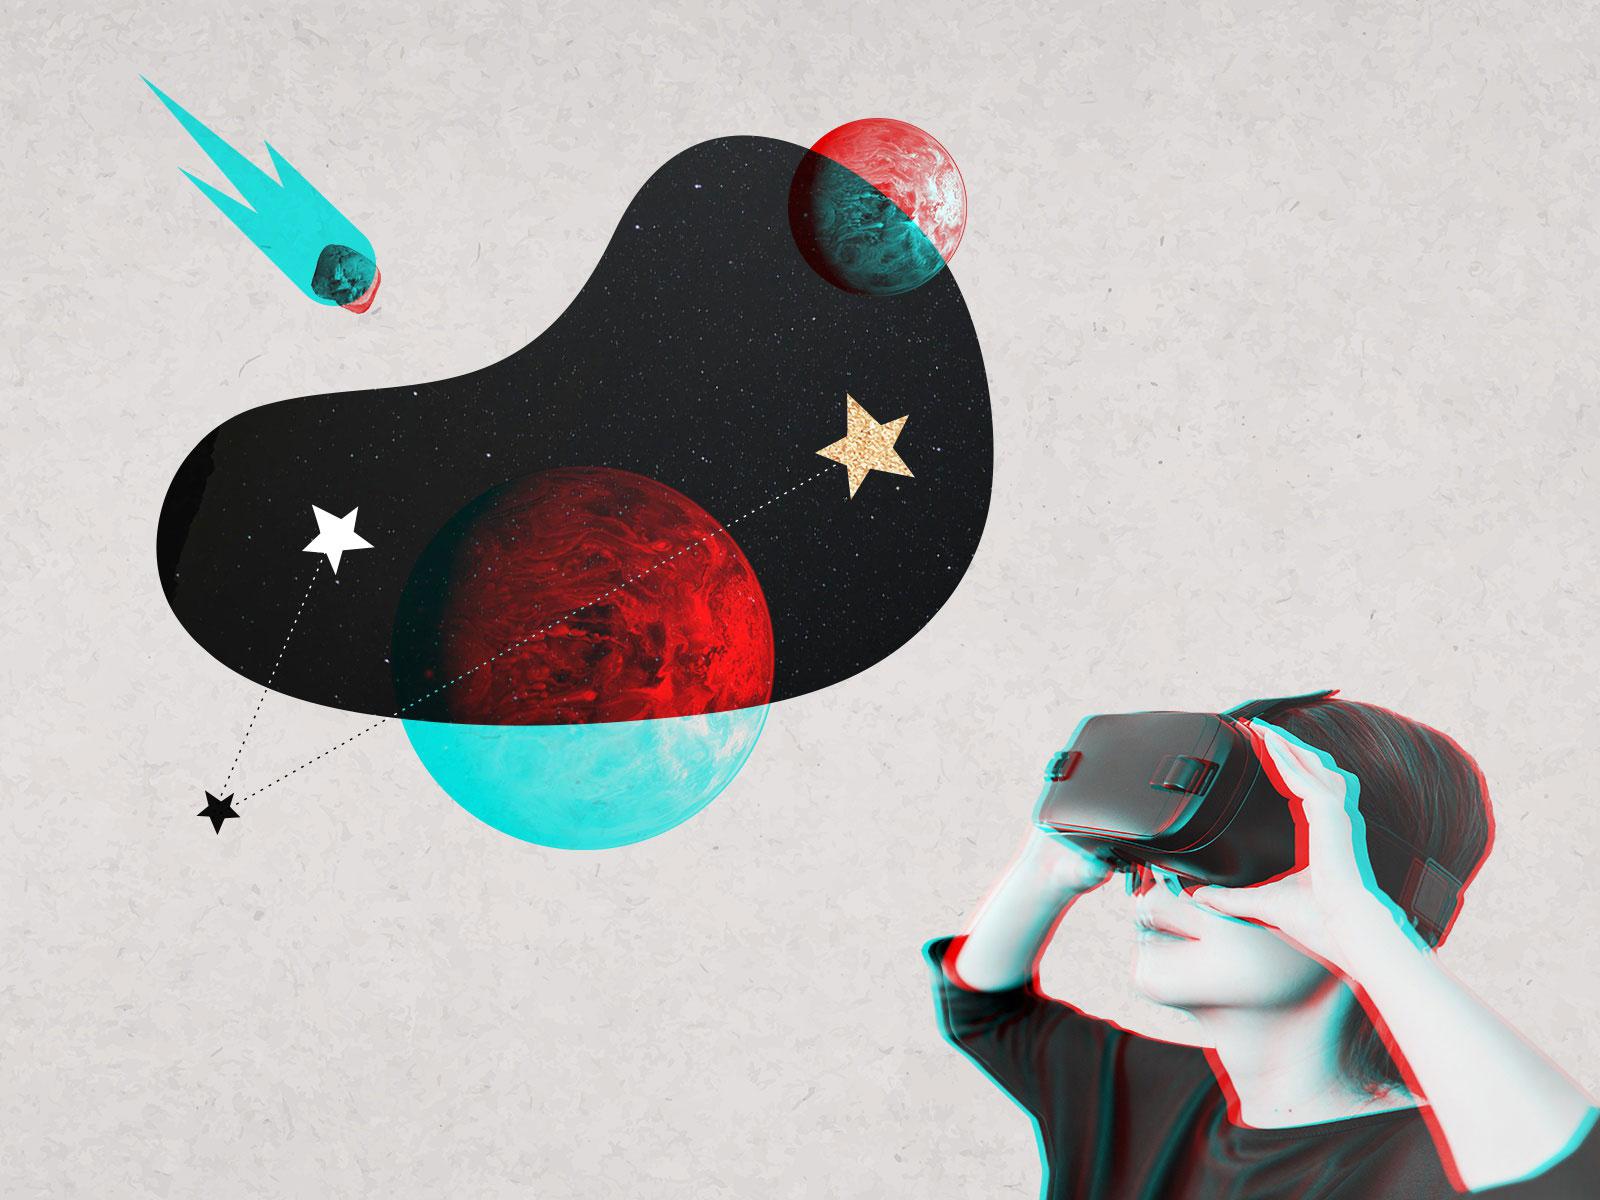 یادگیری عملی با استفاده از واقعیت مجازی